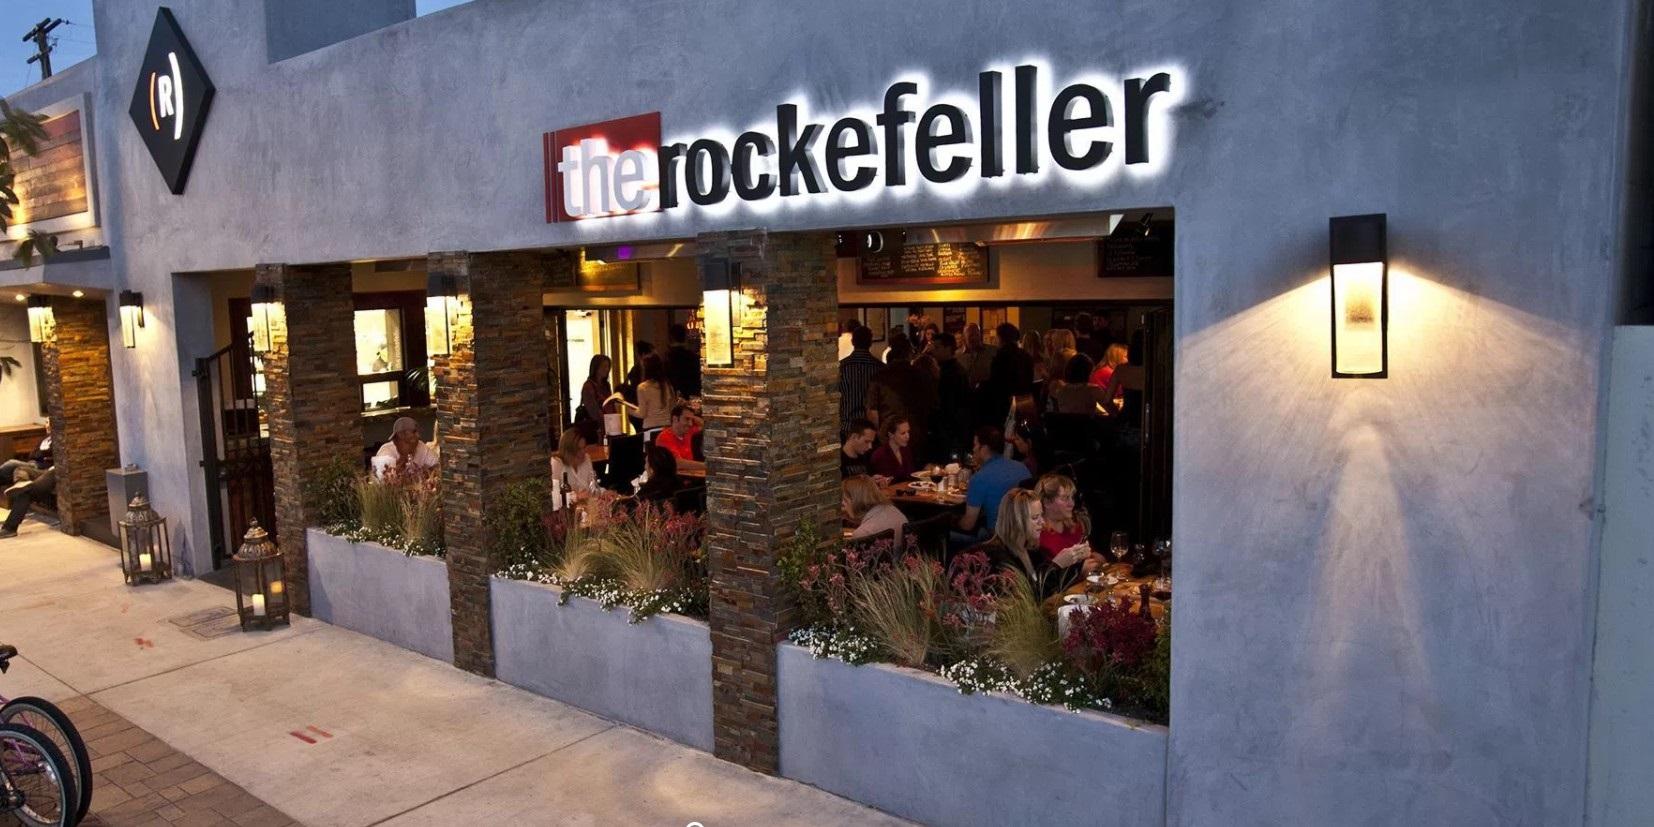 Los Angeles The Rockefeller Gastropub brunch